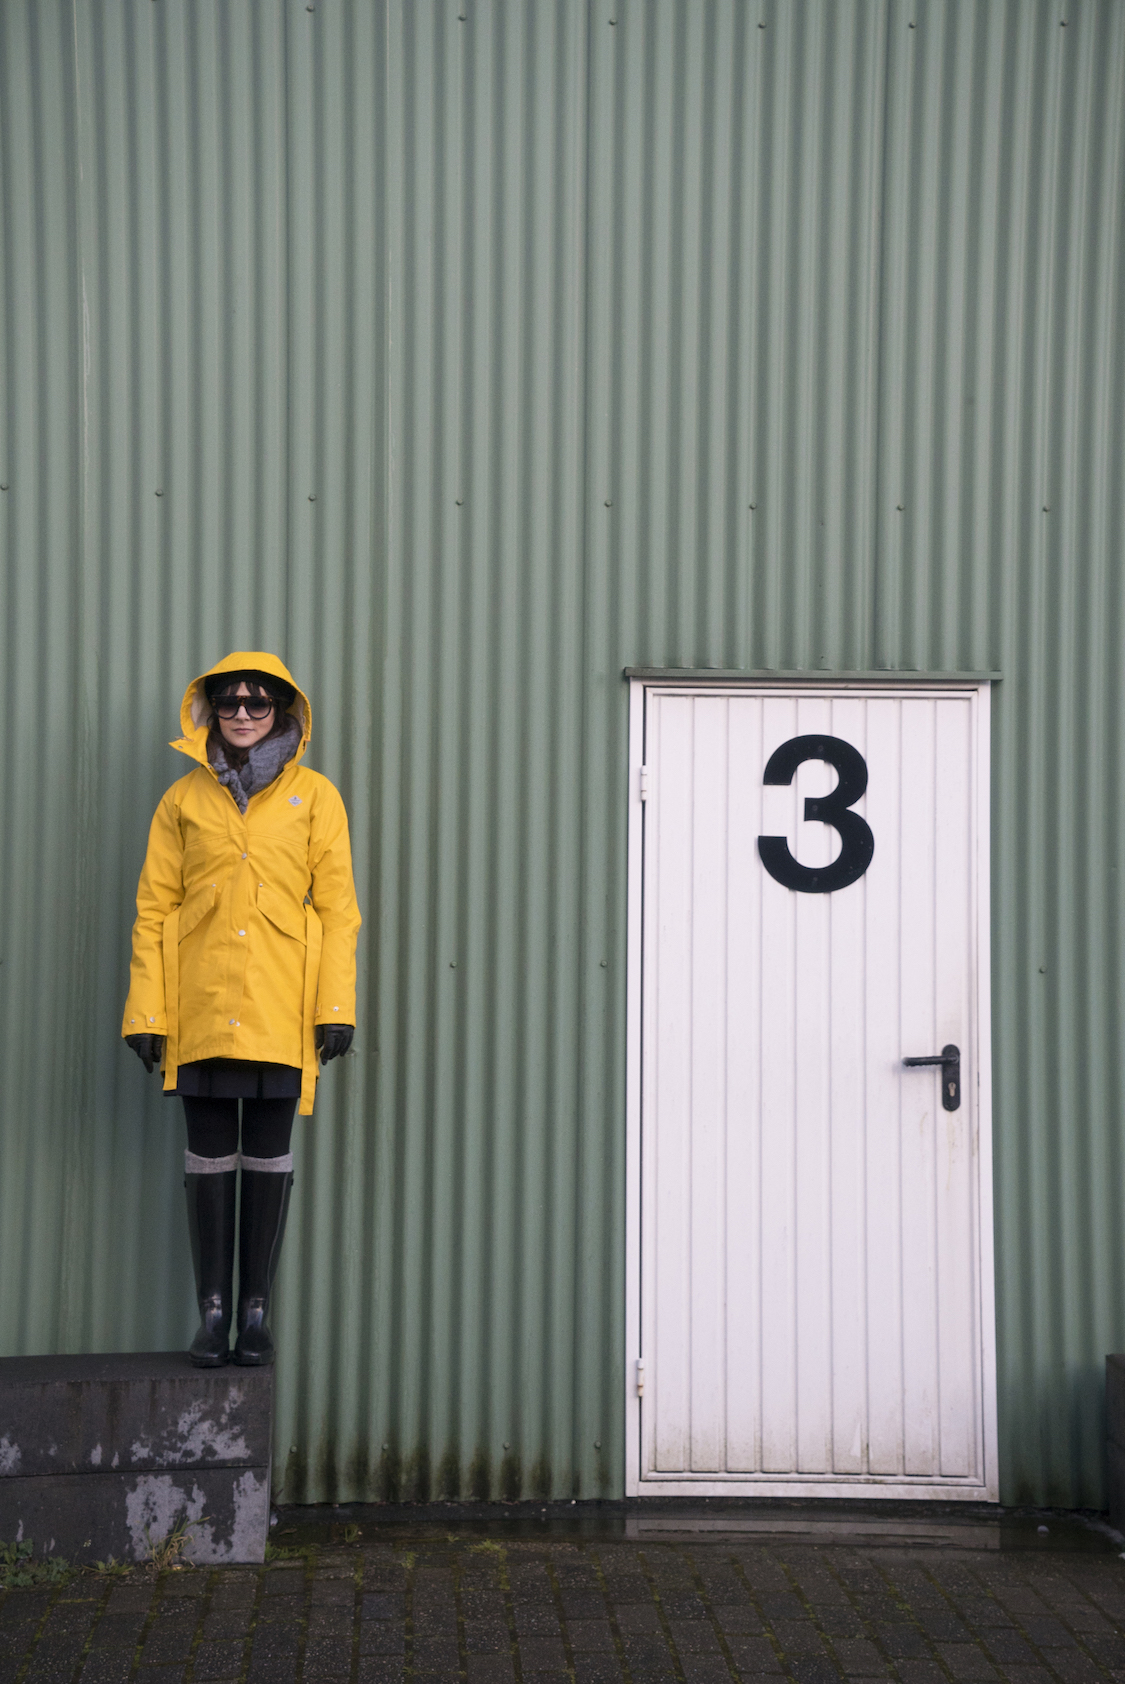 dia-de-pedalar-em-amsterdam-look-danielle-noce-5